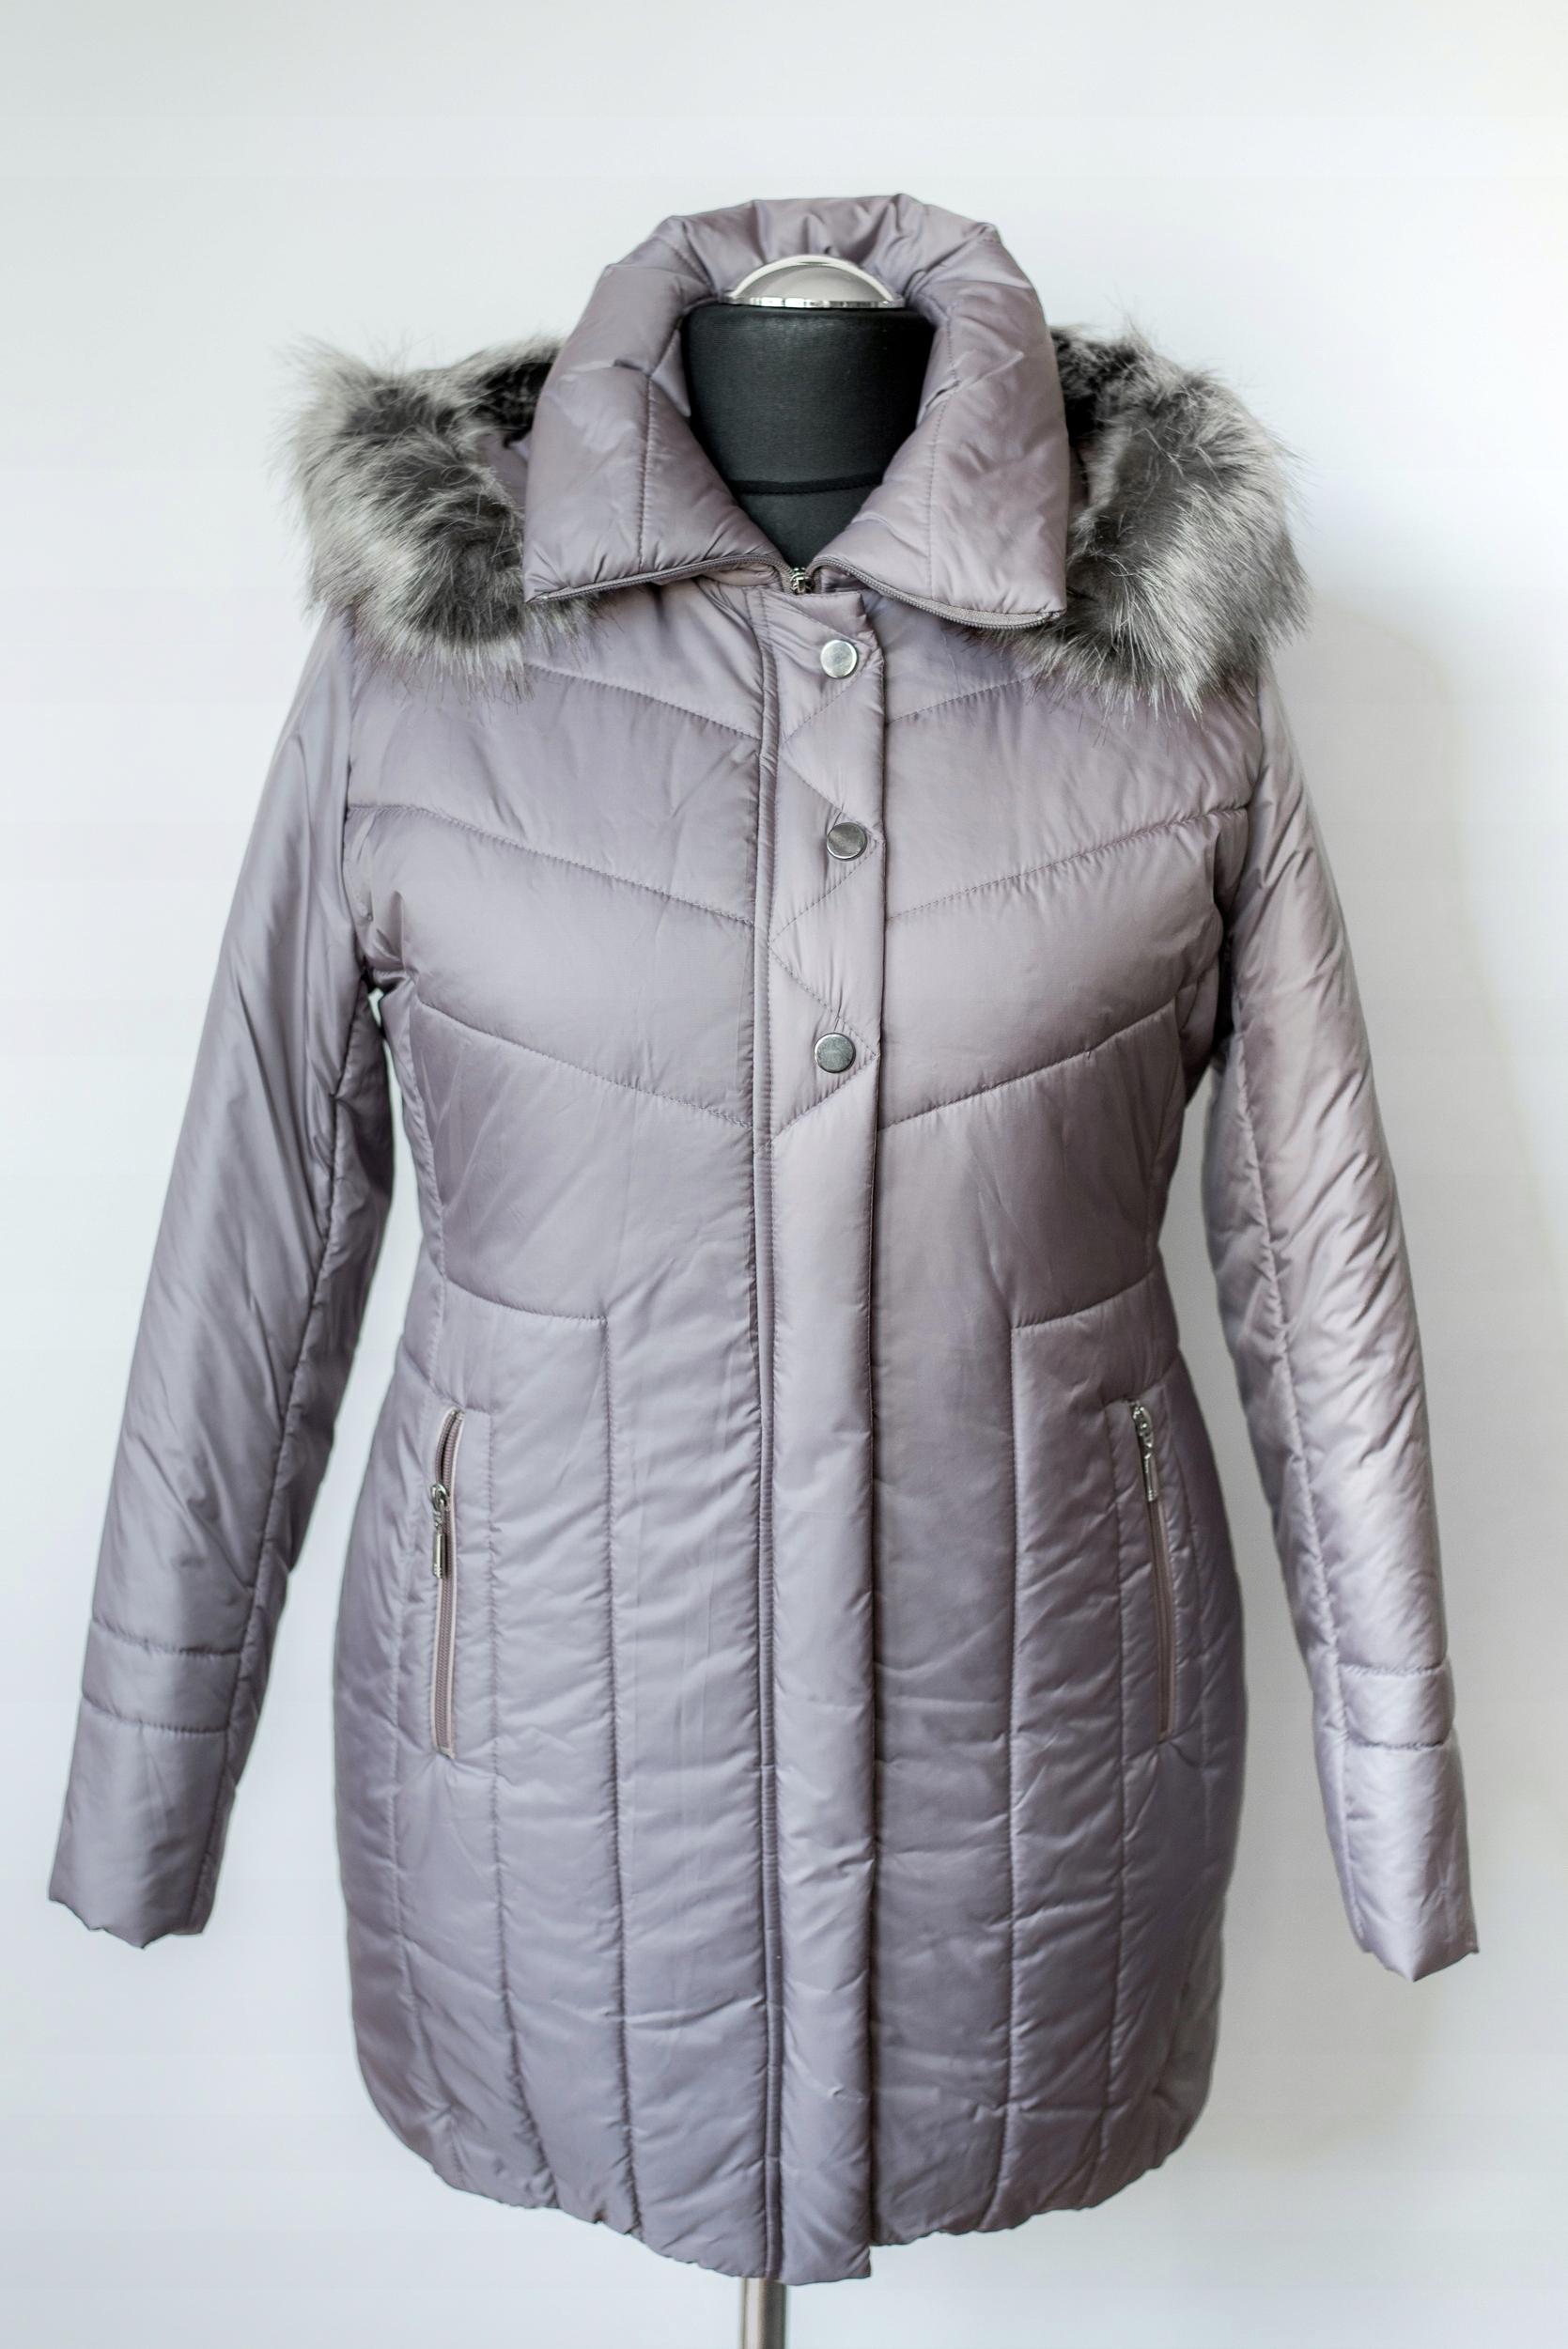 f62ff0f7 Płaszcz damski zimowy roz 44 - 7591017039 - oficjalne archiwum allegro